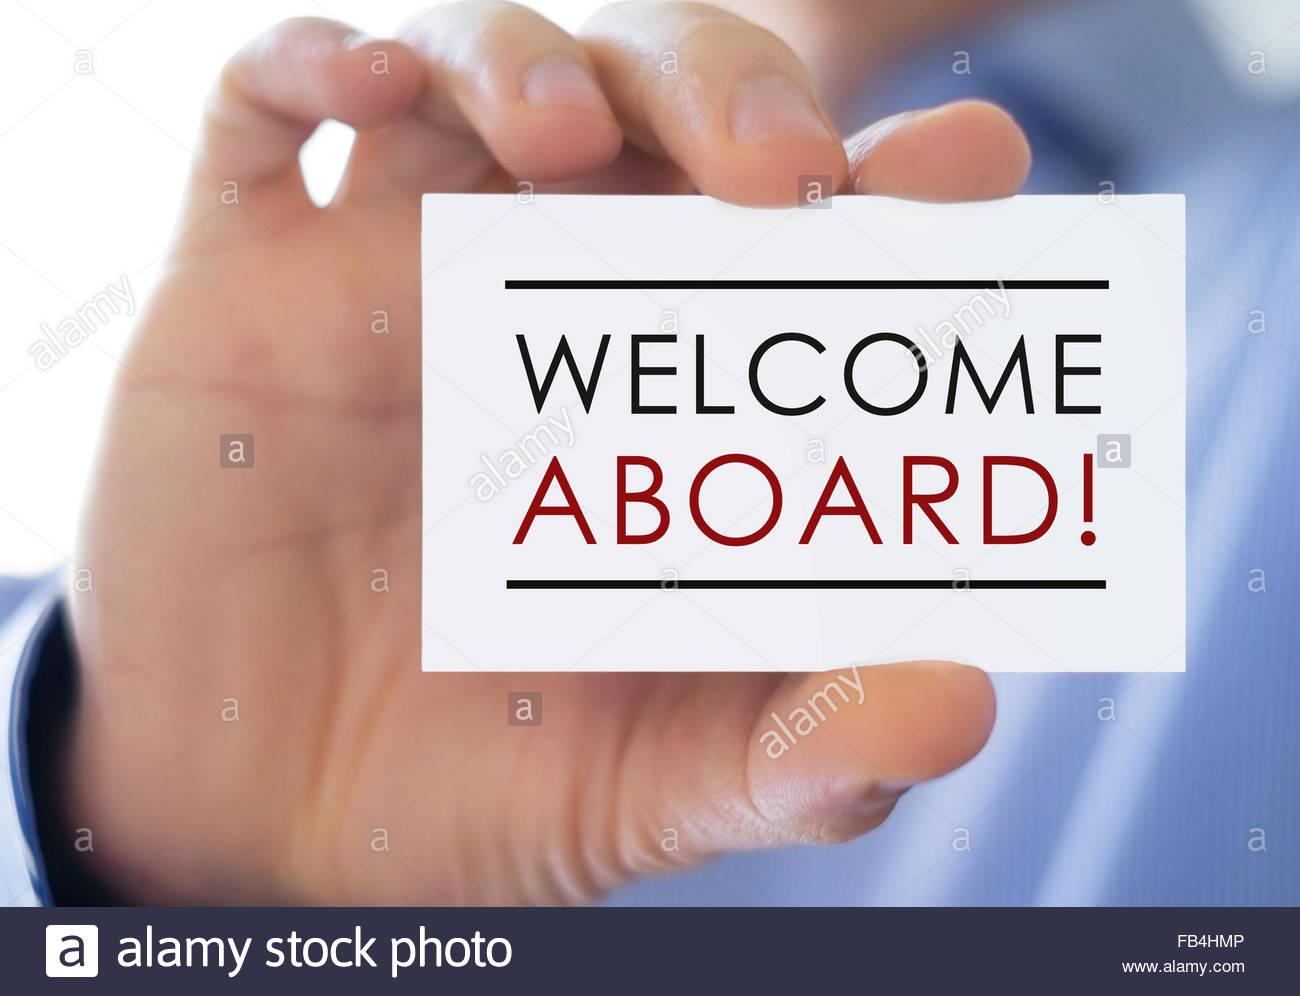 Benvenuti a bordo - business card Immagini Stock